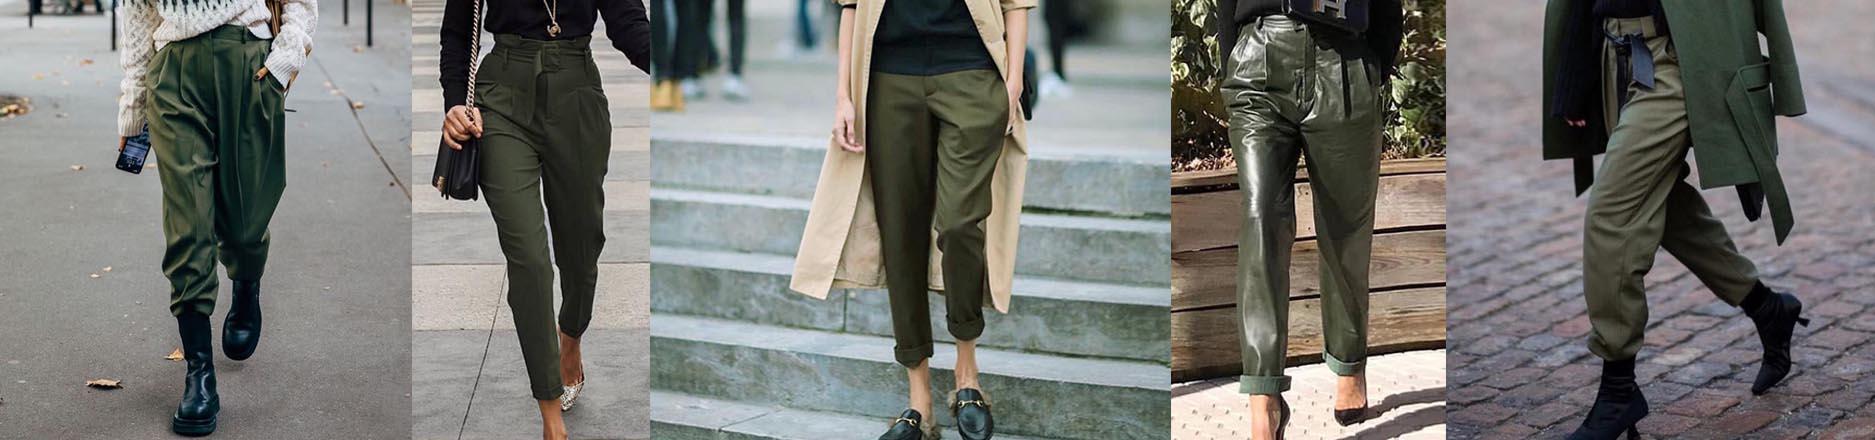 1,2,3... pantalones verdes otra vez (así se usan para volver a ser tendencia)